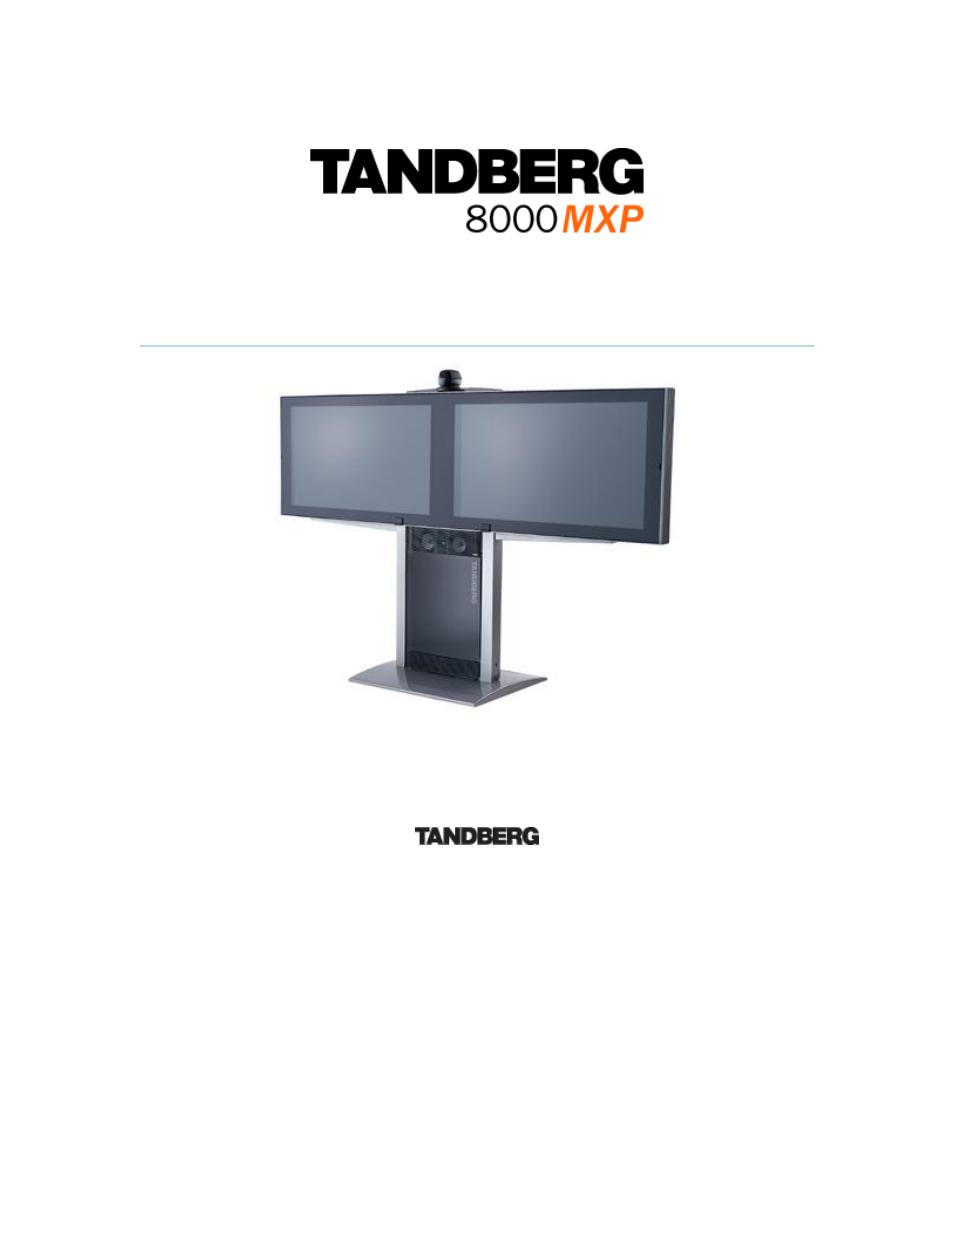 tandberg 8000 mxp user manual 308 pages rh manualsdir com Tandberg 1000 MXP Manual tandberg 6000 mxp administrator manual